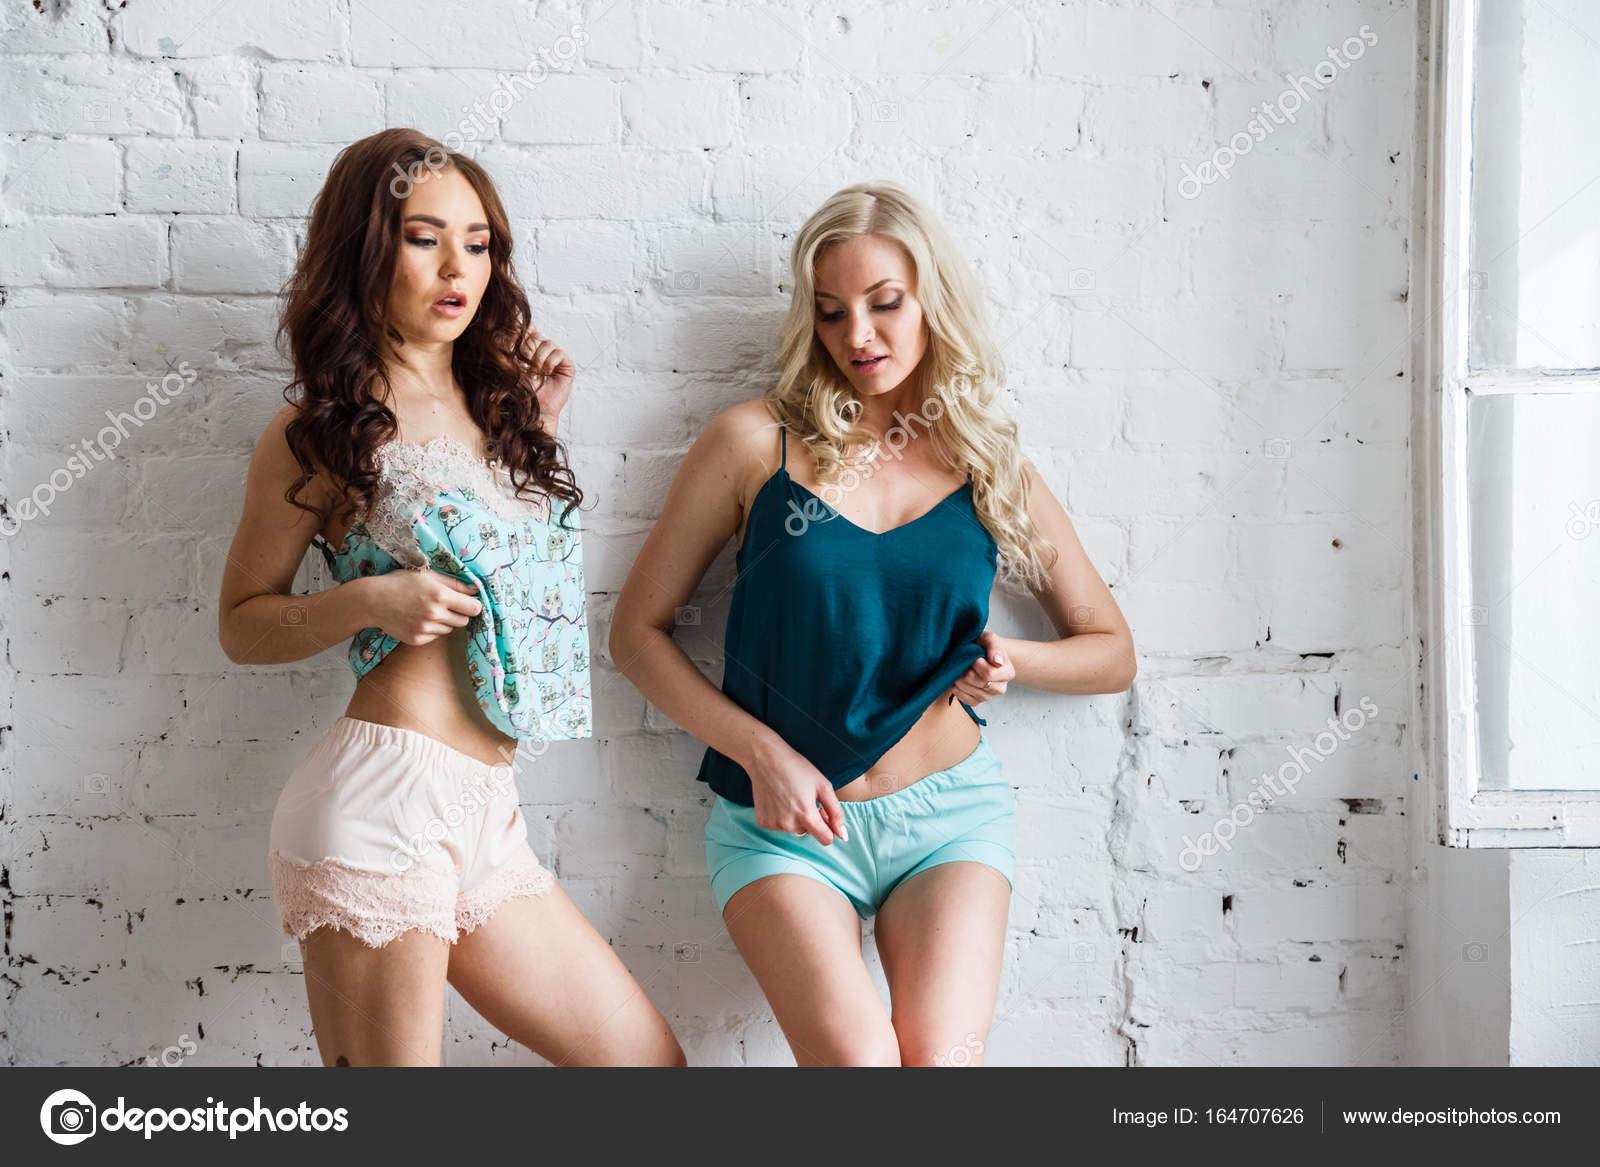 Jvenes modelos en pantalones cortos y top foto de stock jvenes modelos en pantalones cortos y top foto de stock altavistaventures Image collections